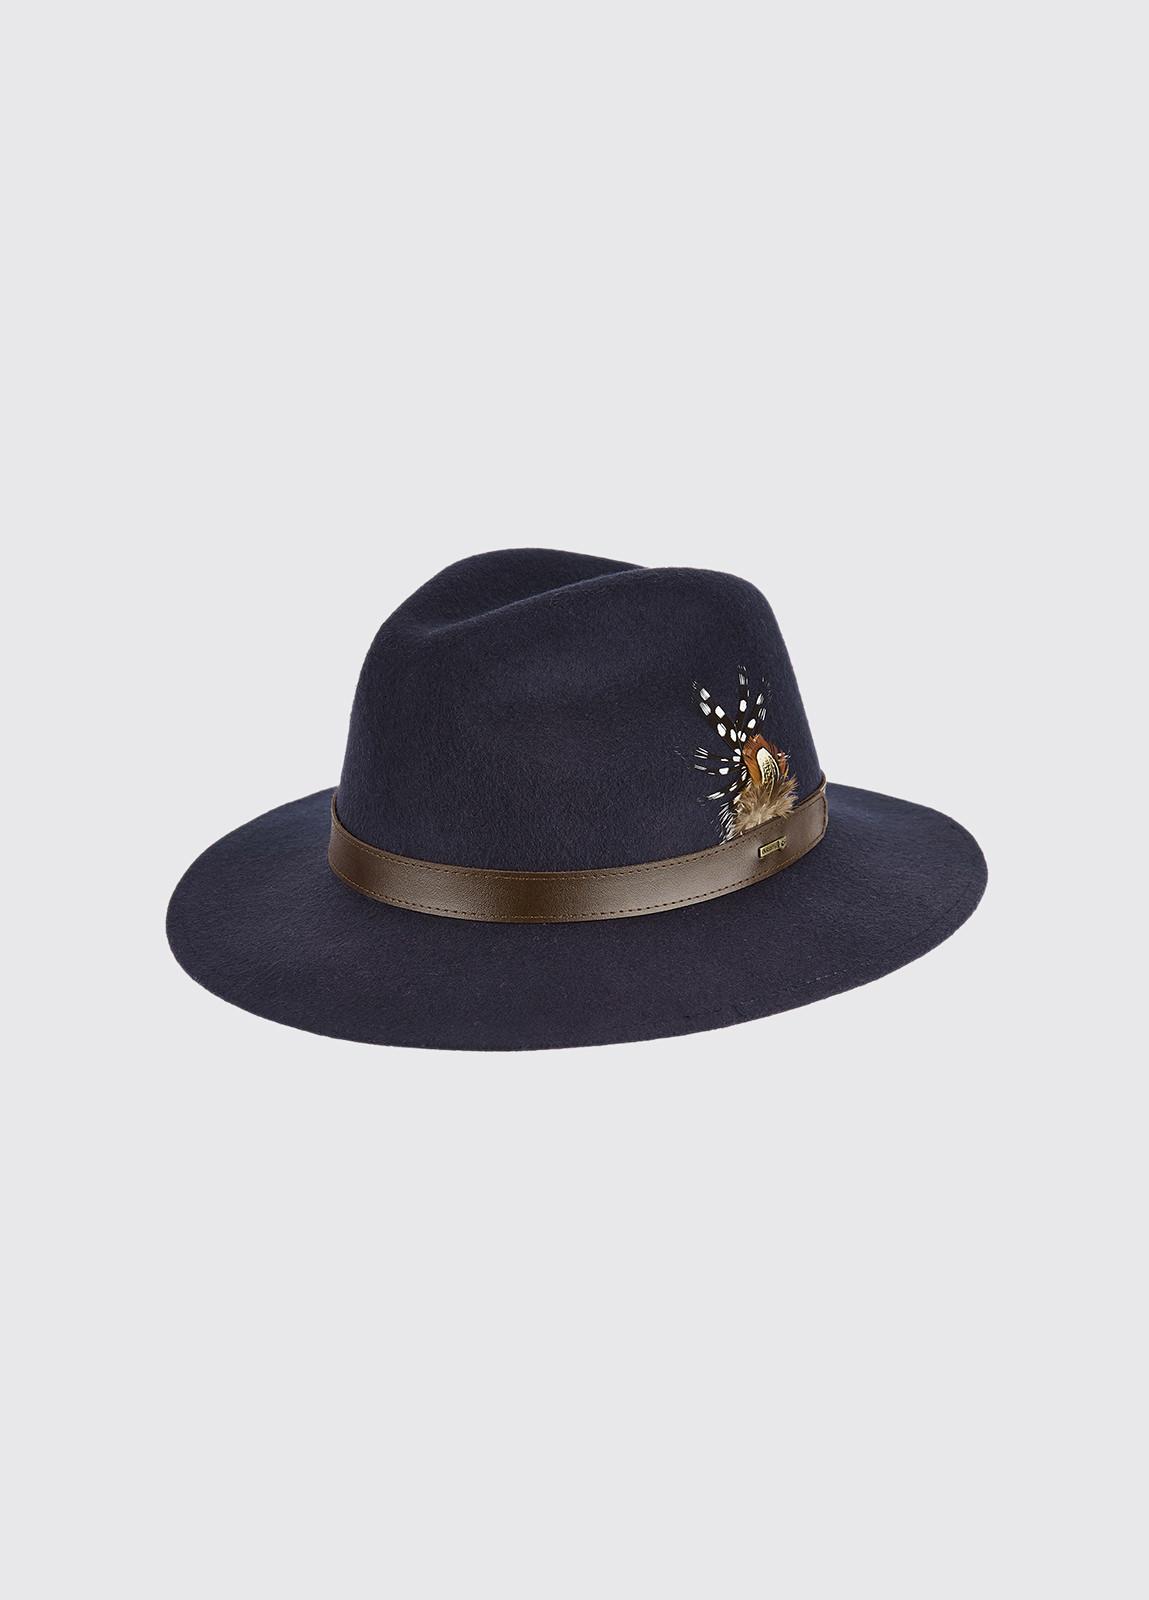 Gallagher Felt Hat - Navy